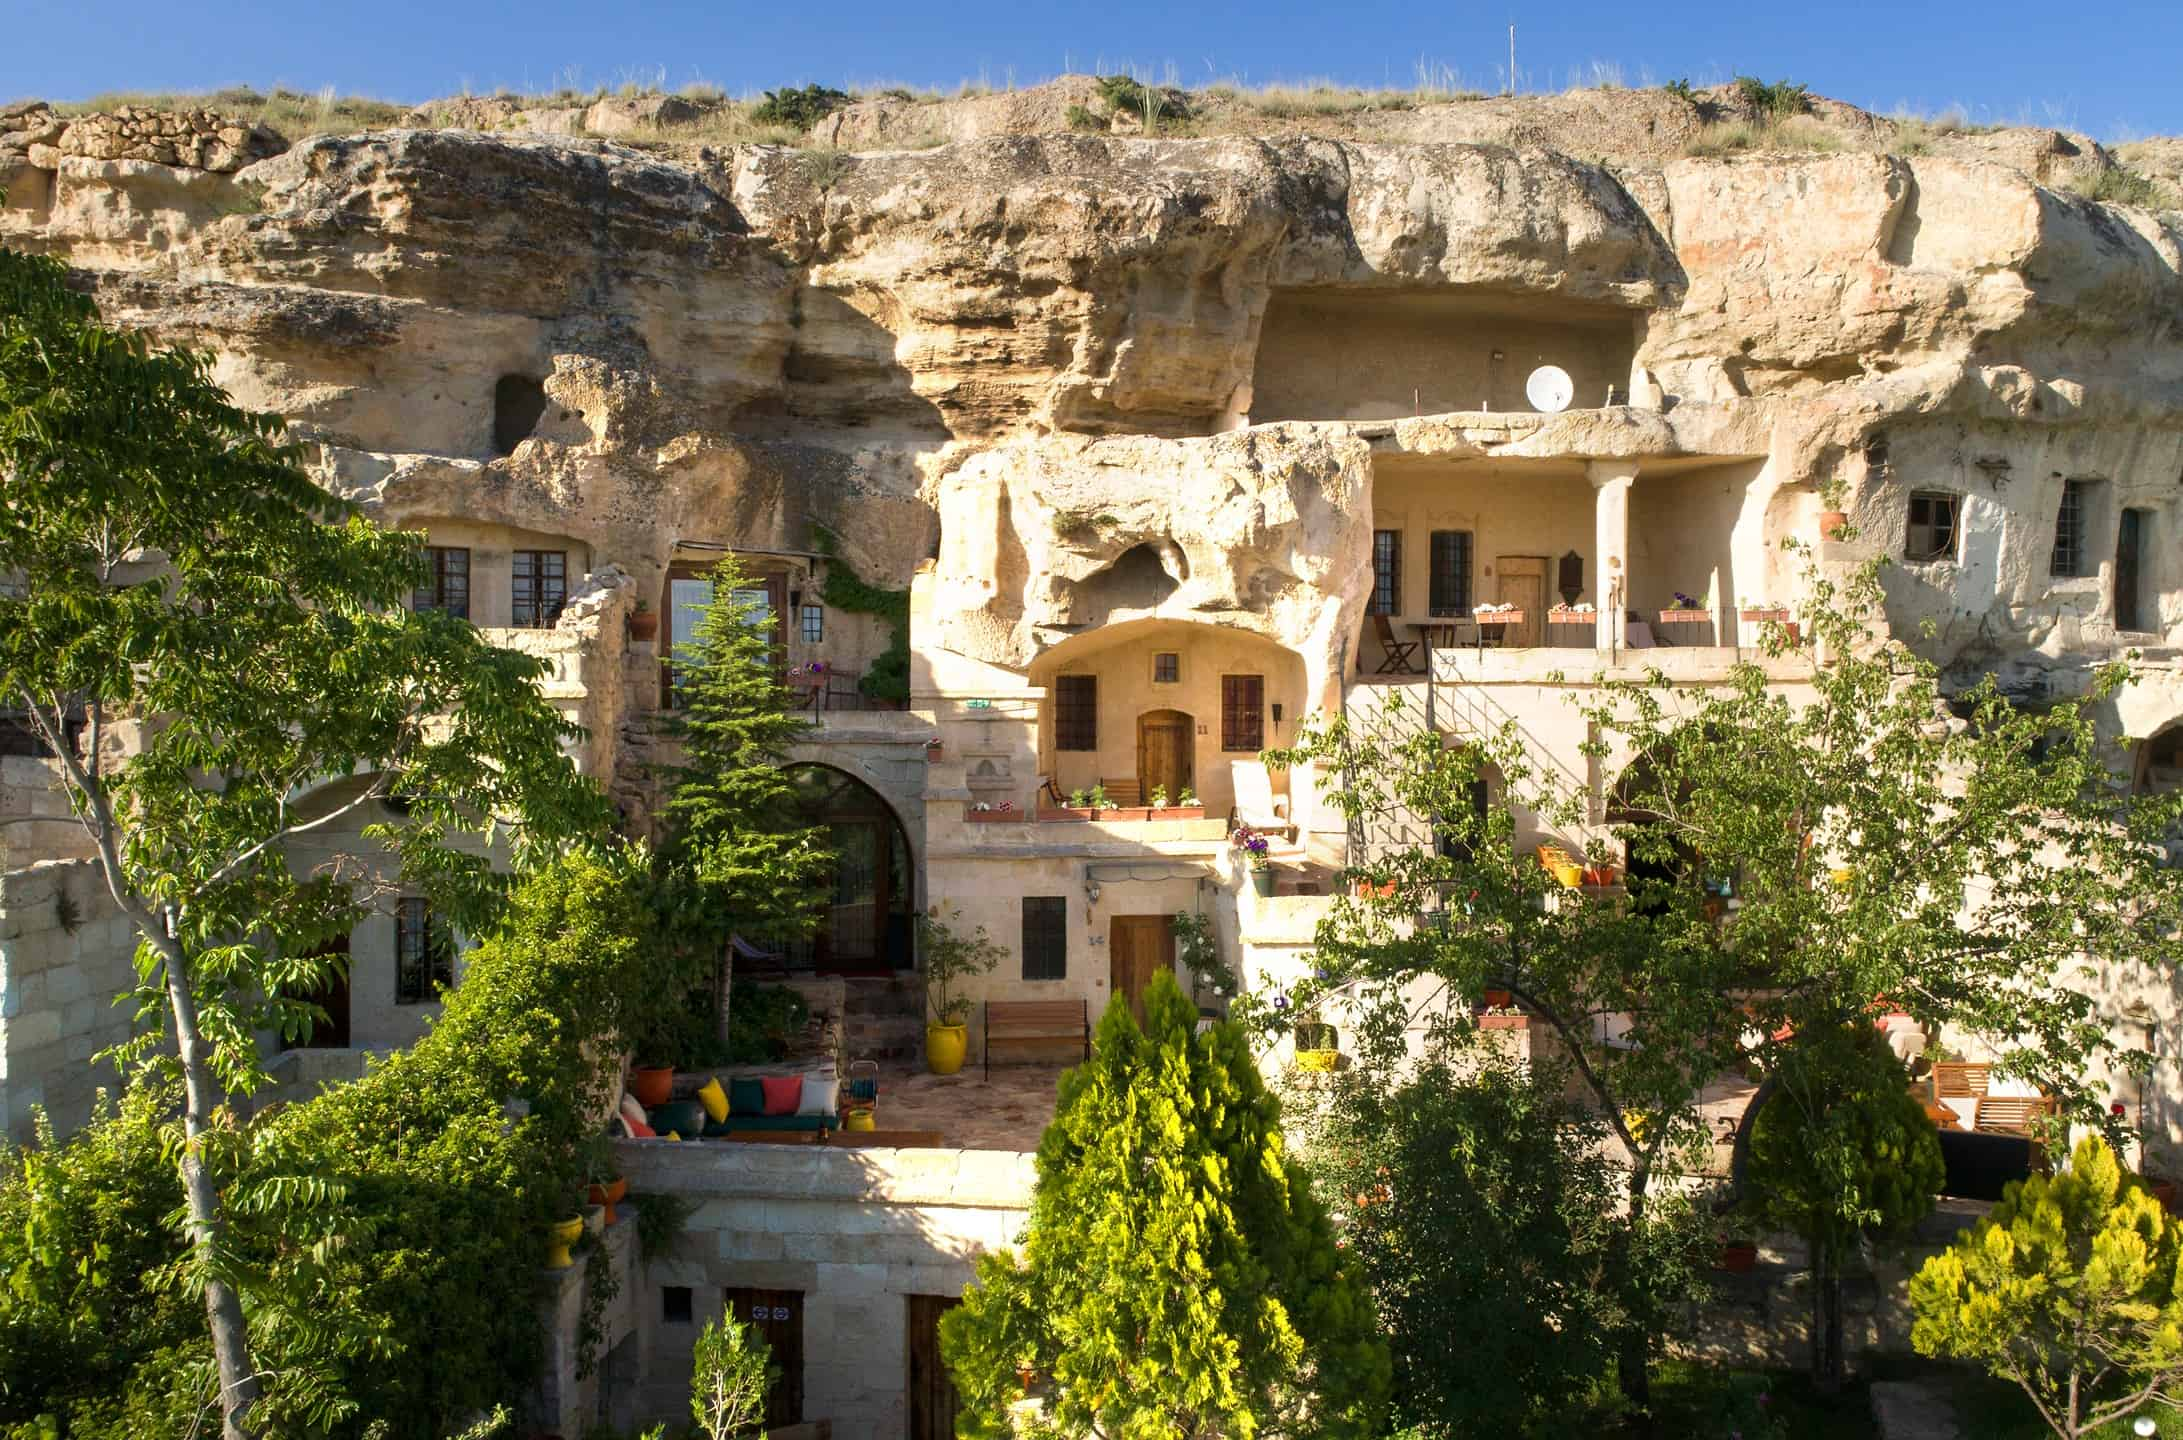 Cave hotels of Cappadocia